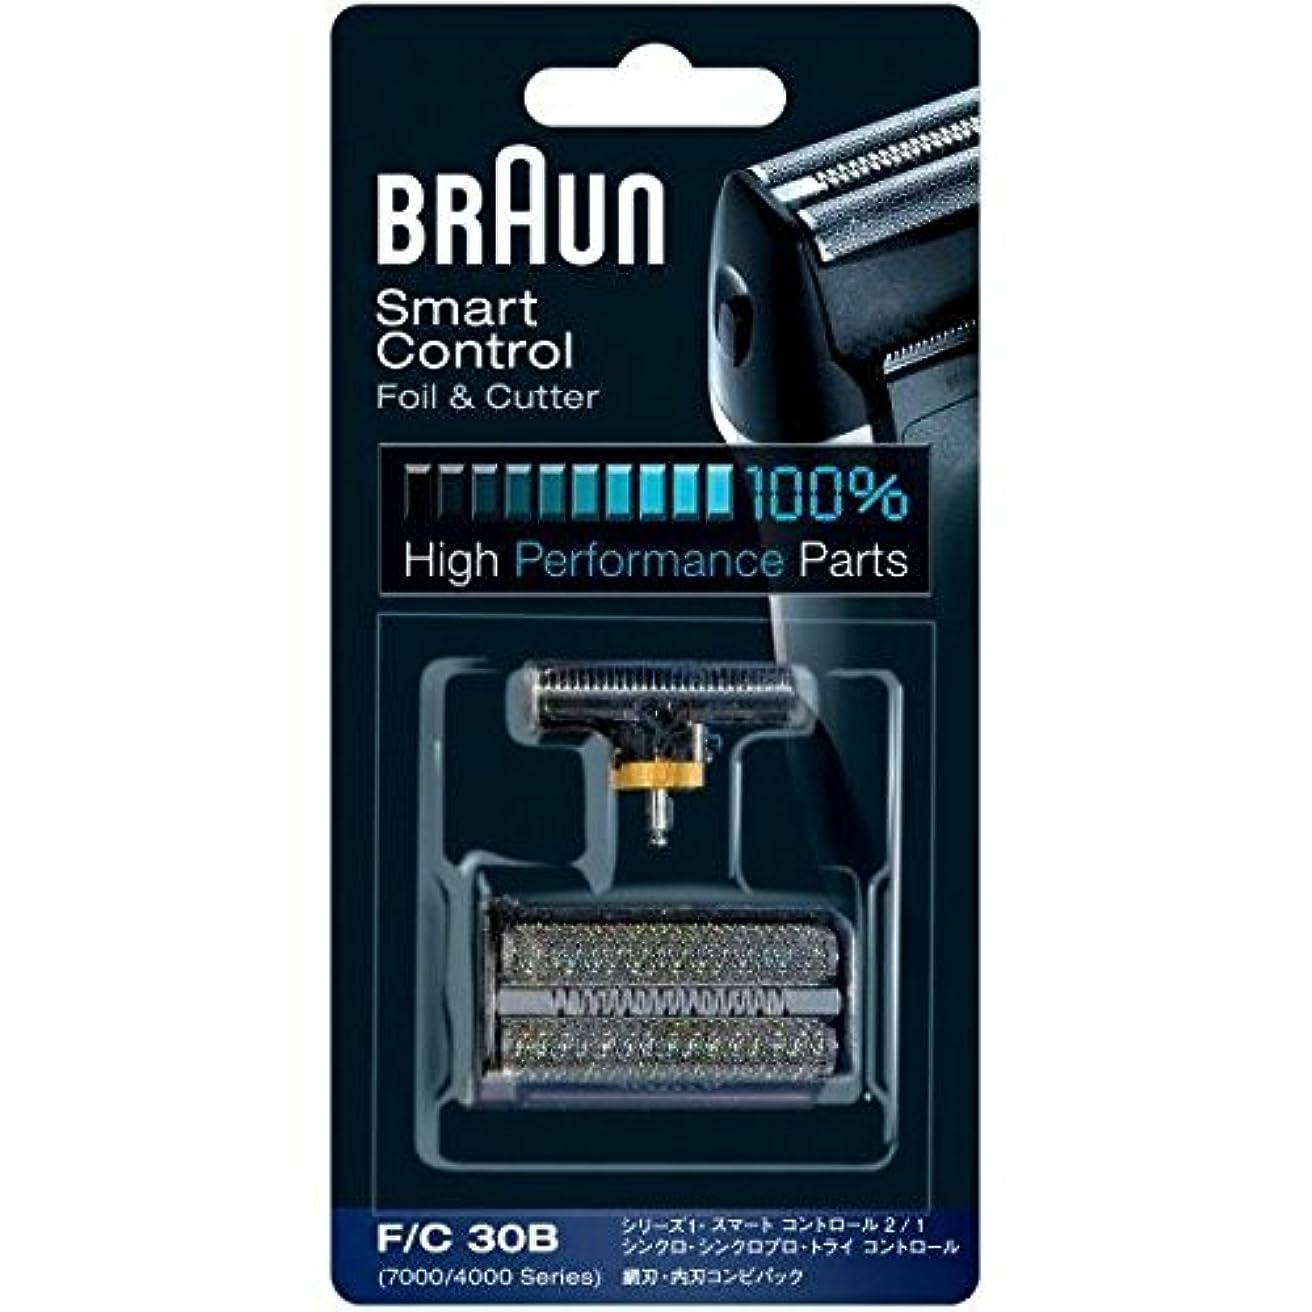 アドバンテージうま農業BRAUN(ブラウン) シェーバー 替刃(網刃+内刃セット) F/C30B